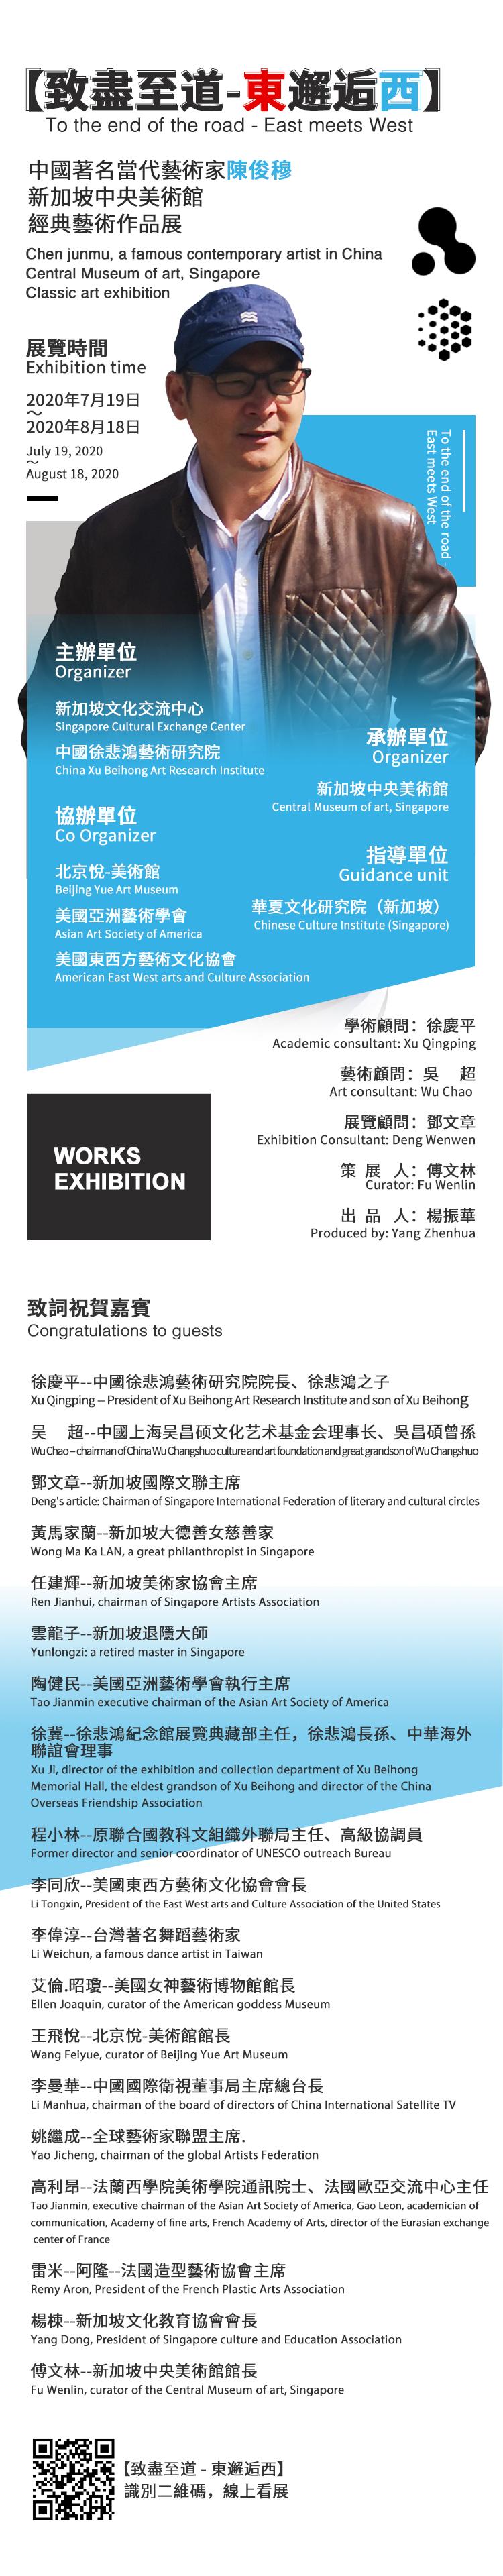 中國著名當代藝術家—陳俊穆新加坡中央美術館經典藝術作品展